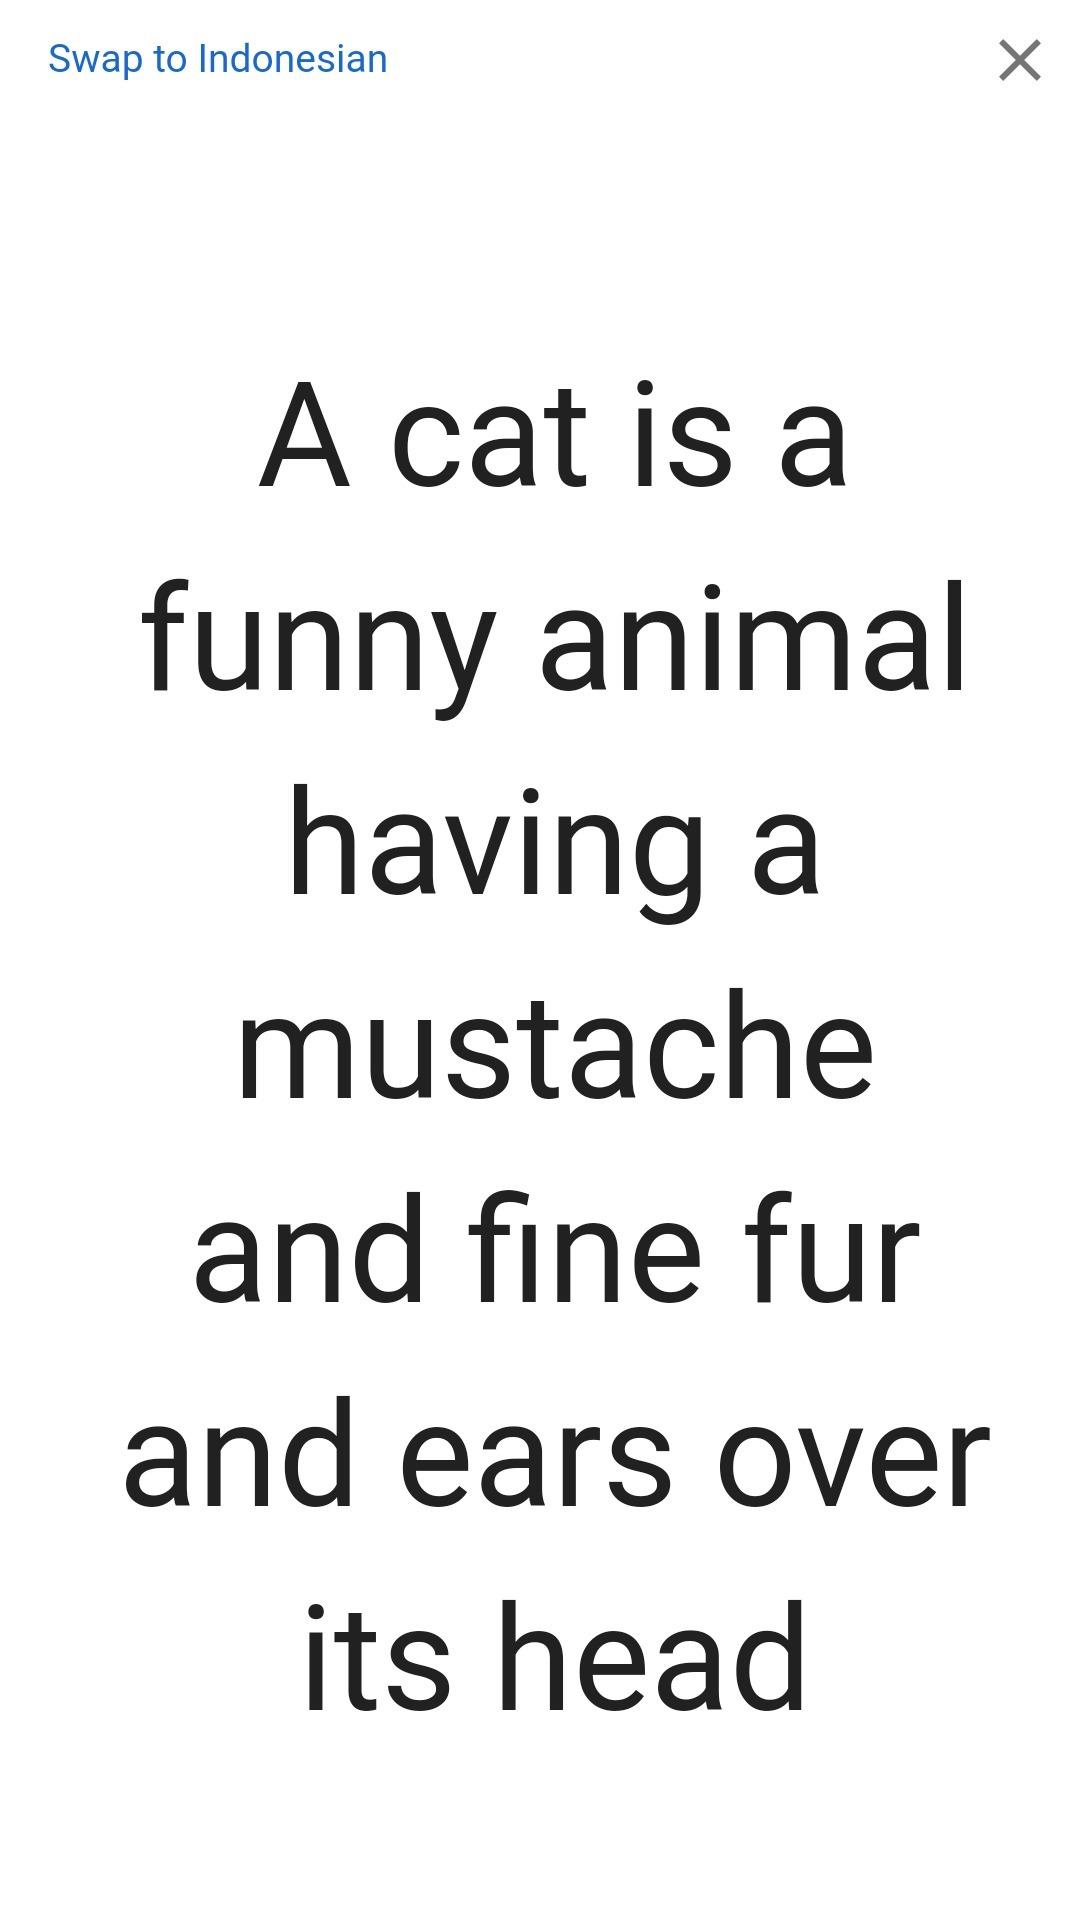 Contoh Teks Deskripsi Tentang Kucing Dalam Bahasa Inggris Berbagai Teks Penting